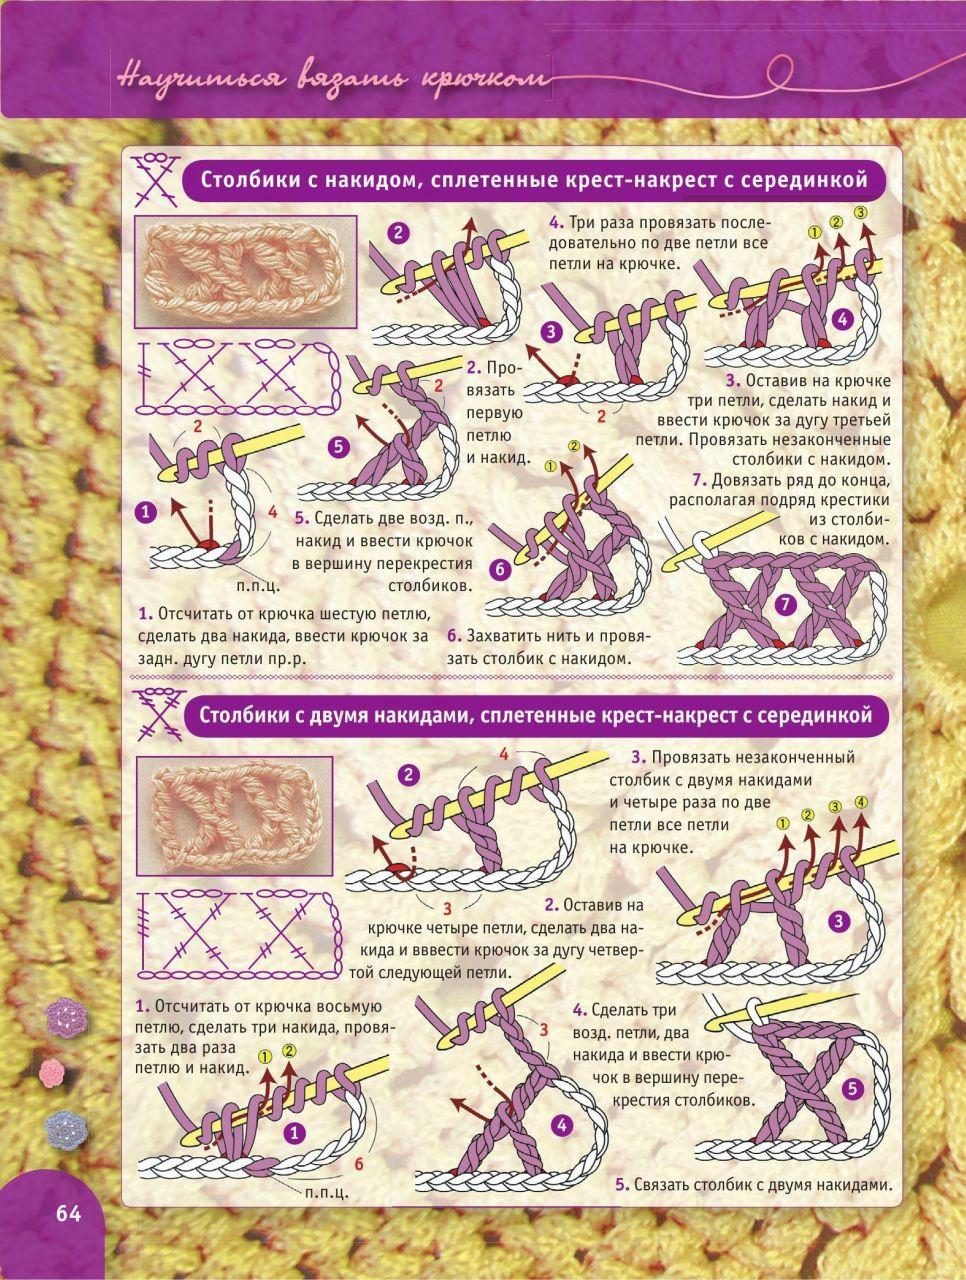 вязание крючком пошаговый самоучитель более 2000 иллюстраций